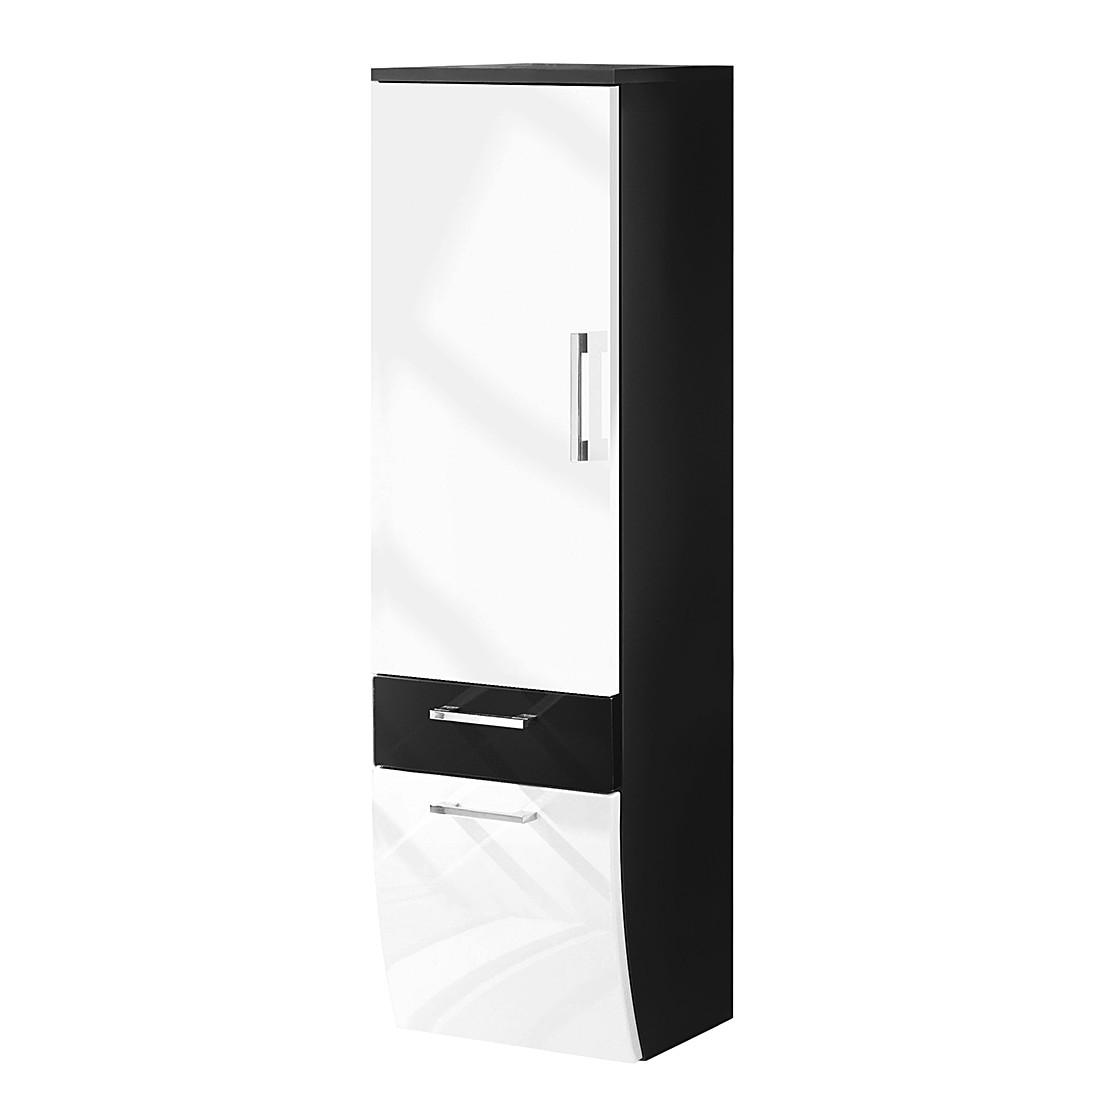 Hochschrank Vibrant – Anthrazit-Weiß, Aqua Suite online kaufen